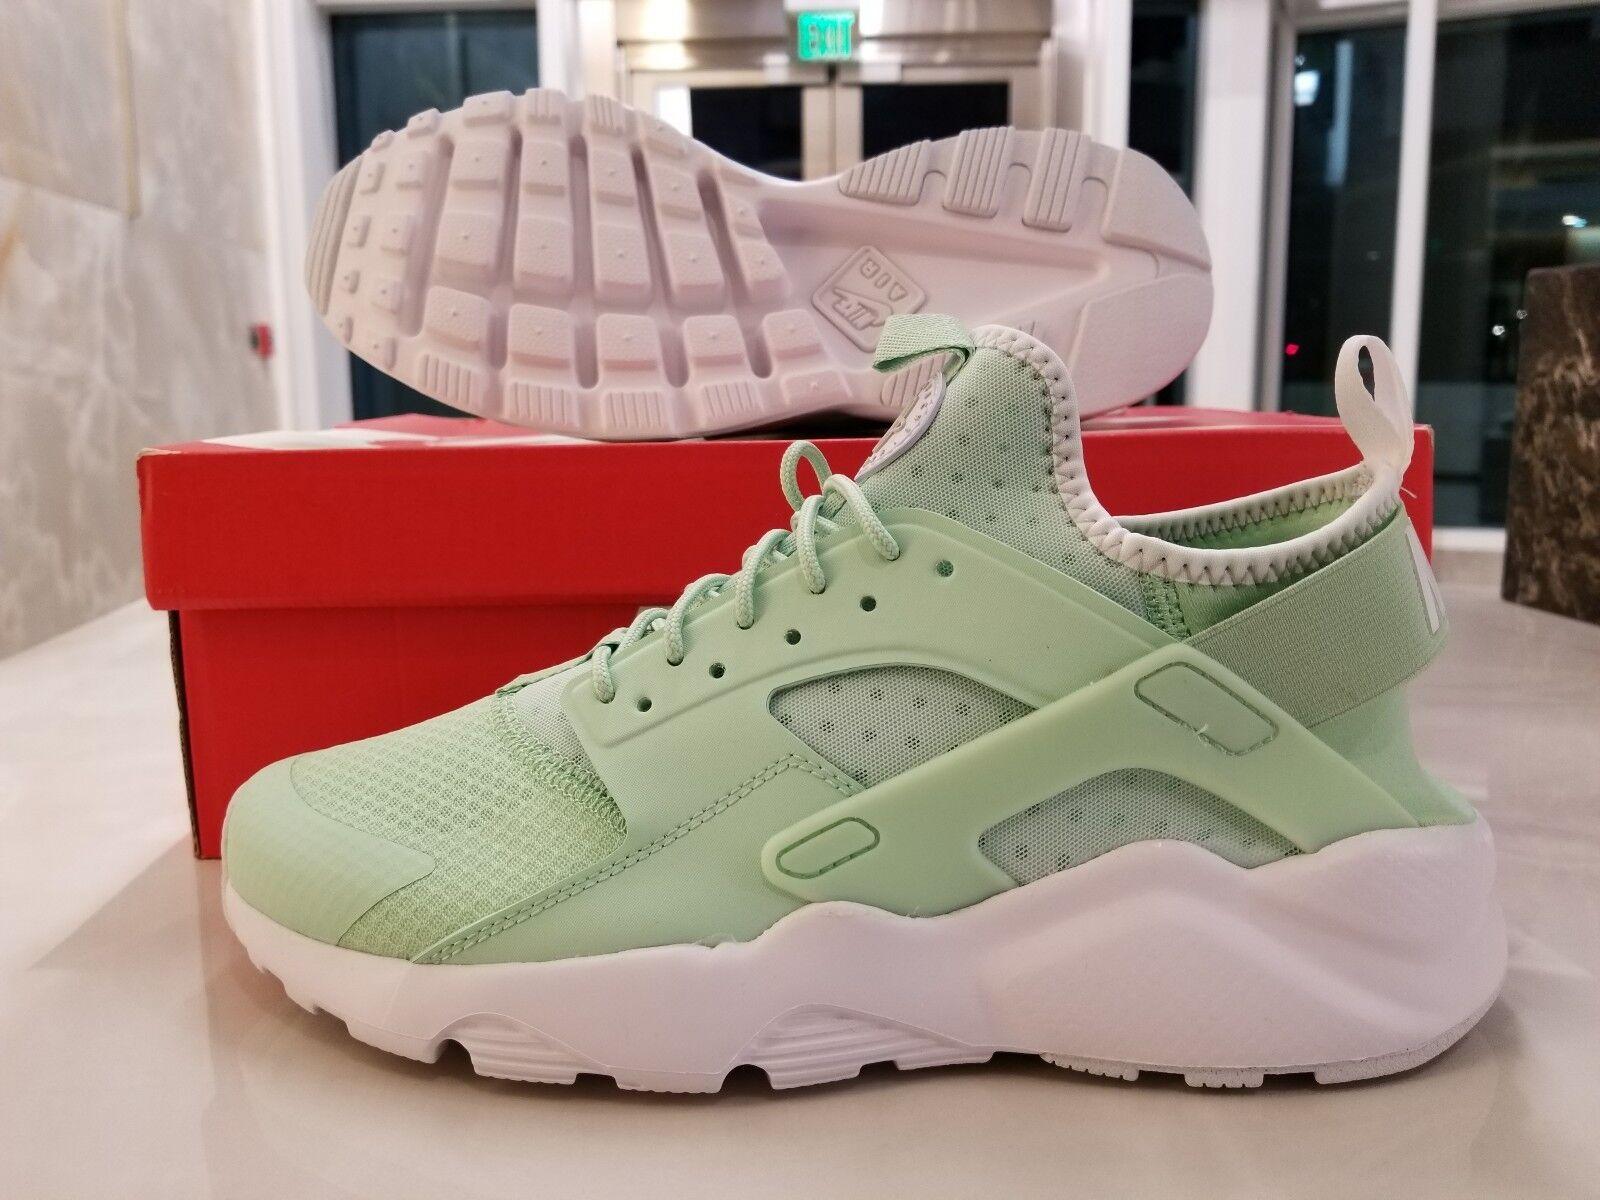 Nike Air Huarache Run Ultra Fresh Mint White Running Shoes M